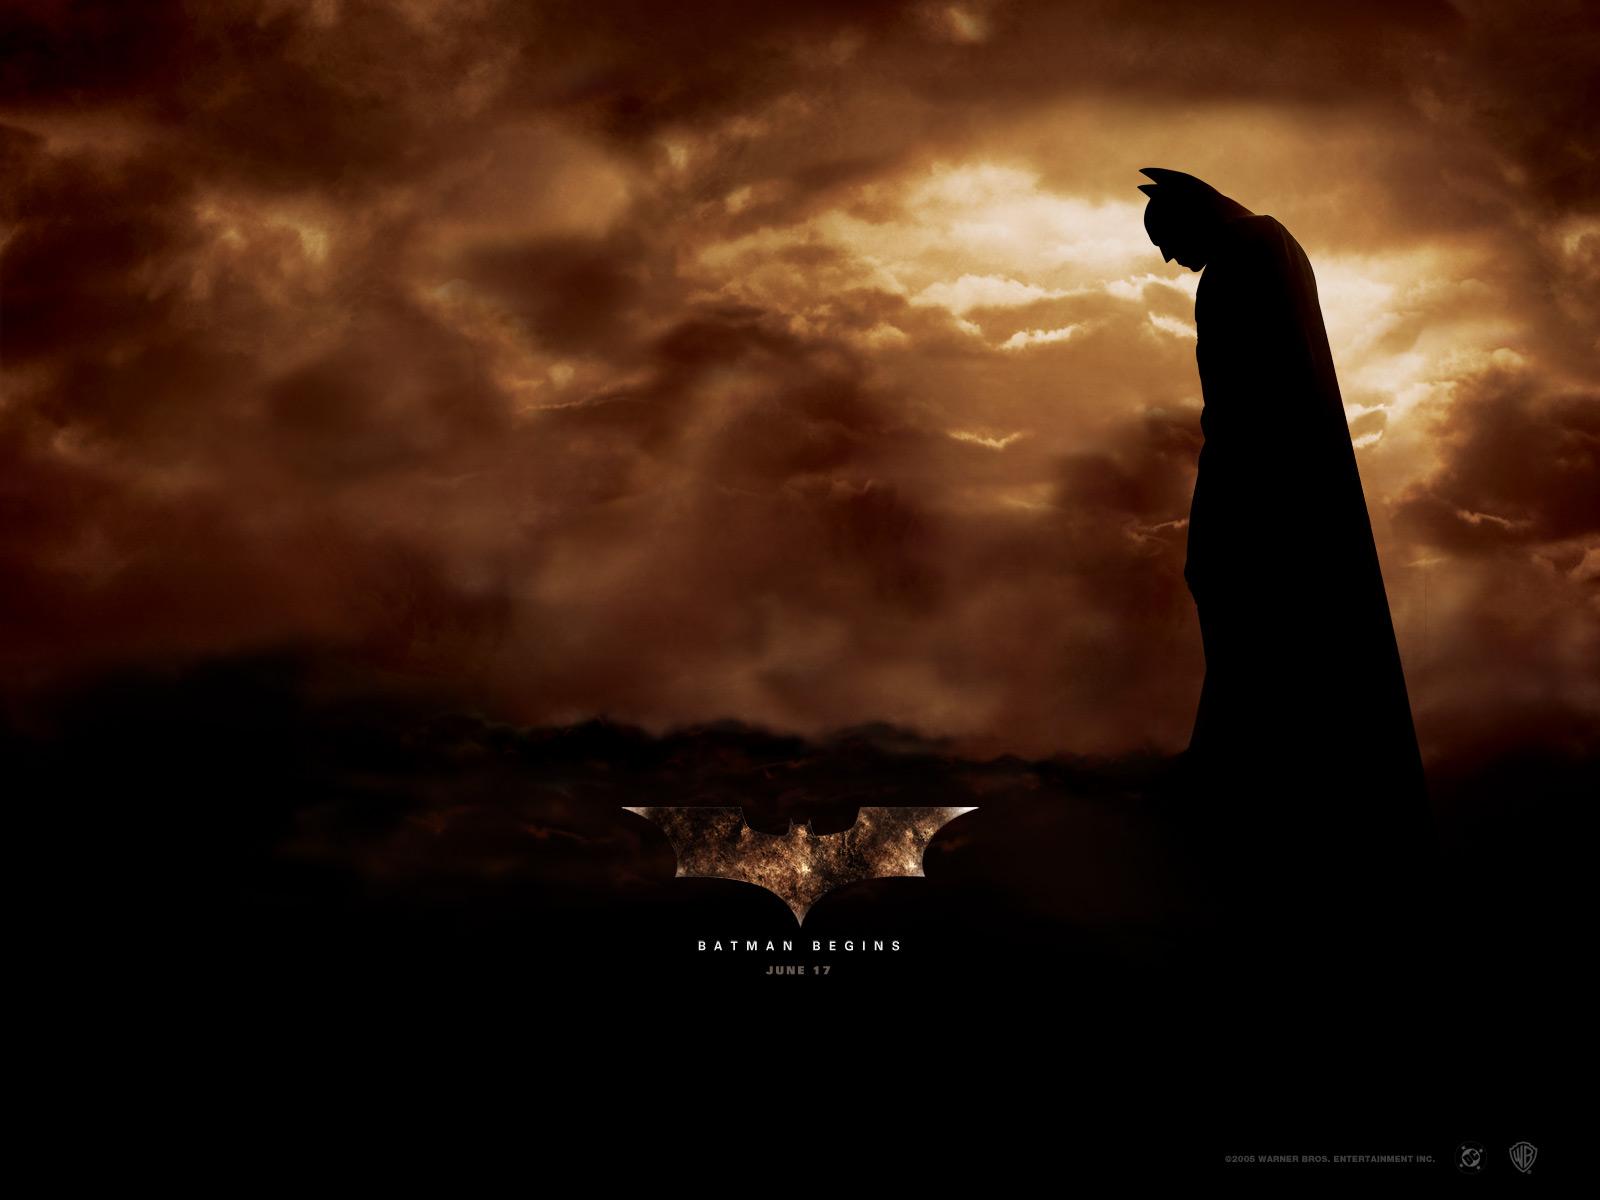 http://1.bp.blogspot.com/-IHVt_AsJsyk/TpSoJ2czC1I/AAAAAAAACIk/aExWZwdgcFk/s1600/Batman-Begins-Movie-Wallpaper-006-723416.jpg